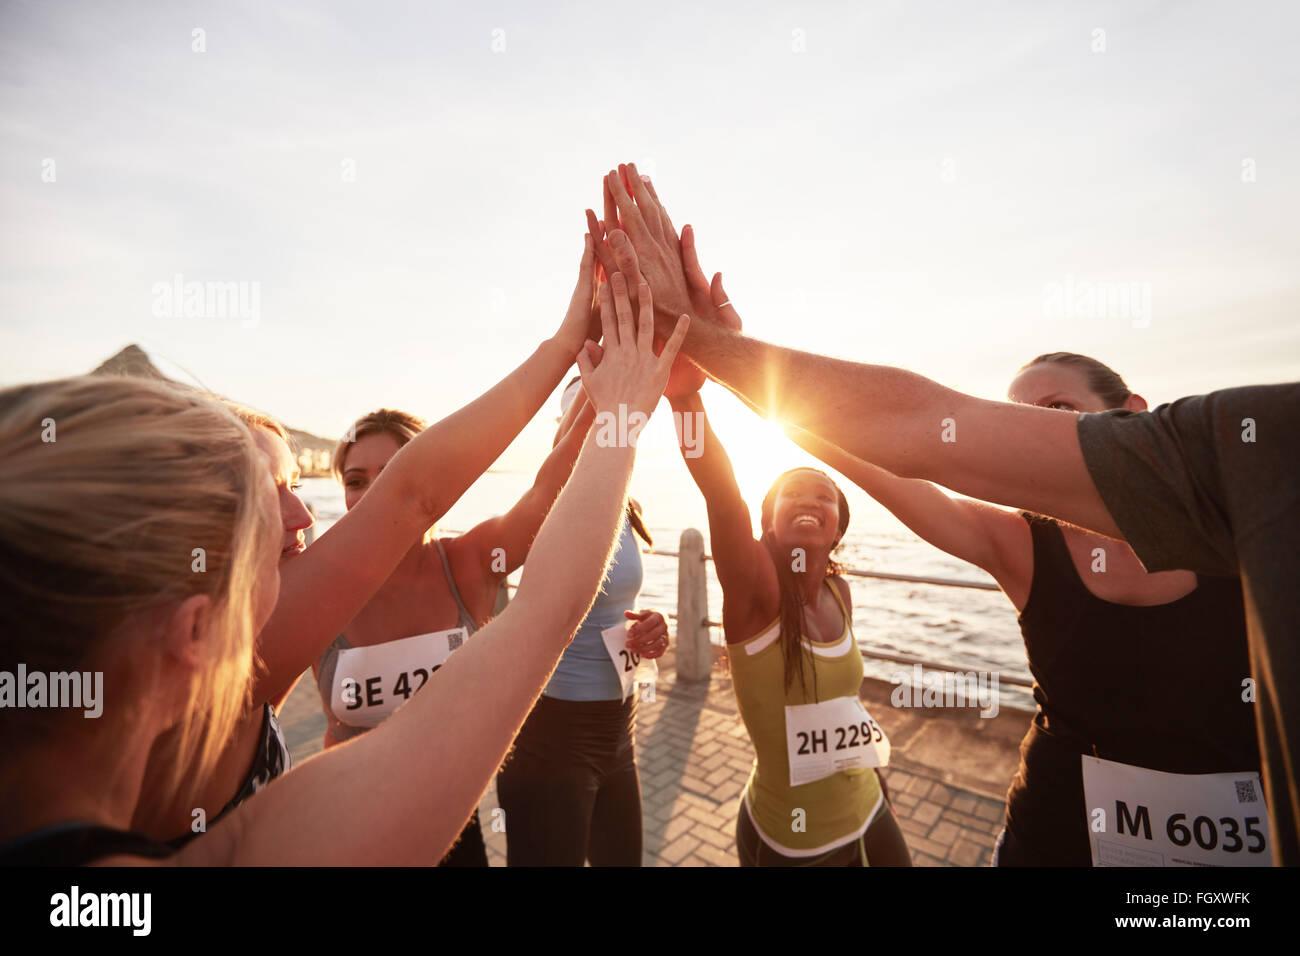 Equipo de atletismo con sus manos apilados juntos celebrando el éxito. Corredores de maratón dando alta Imagen De Stock